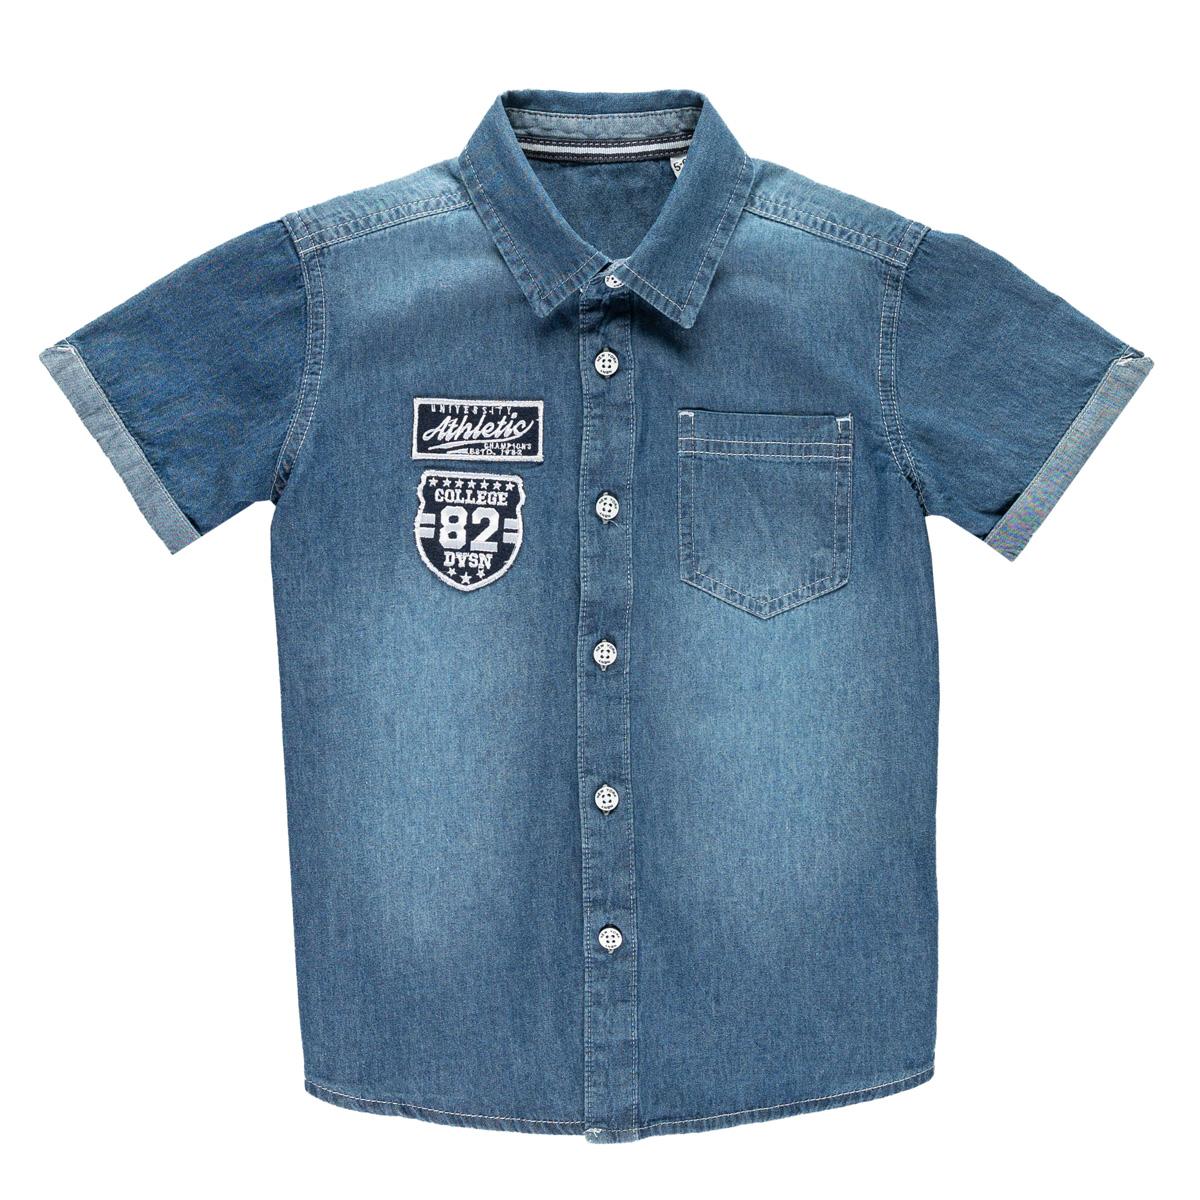 Fantovska srajca, modra